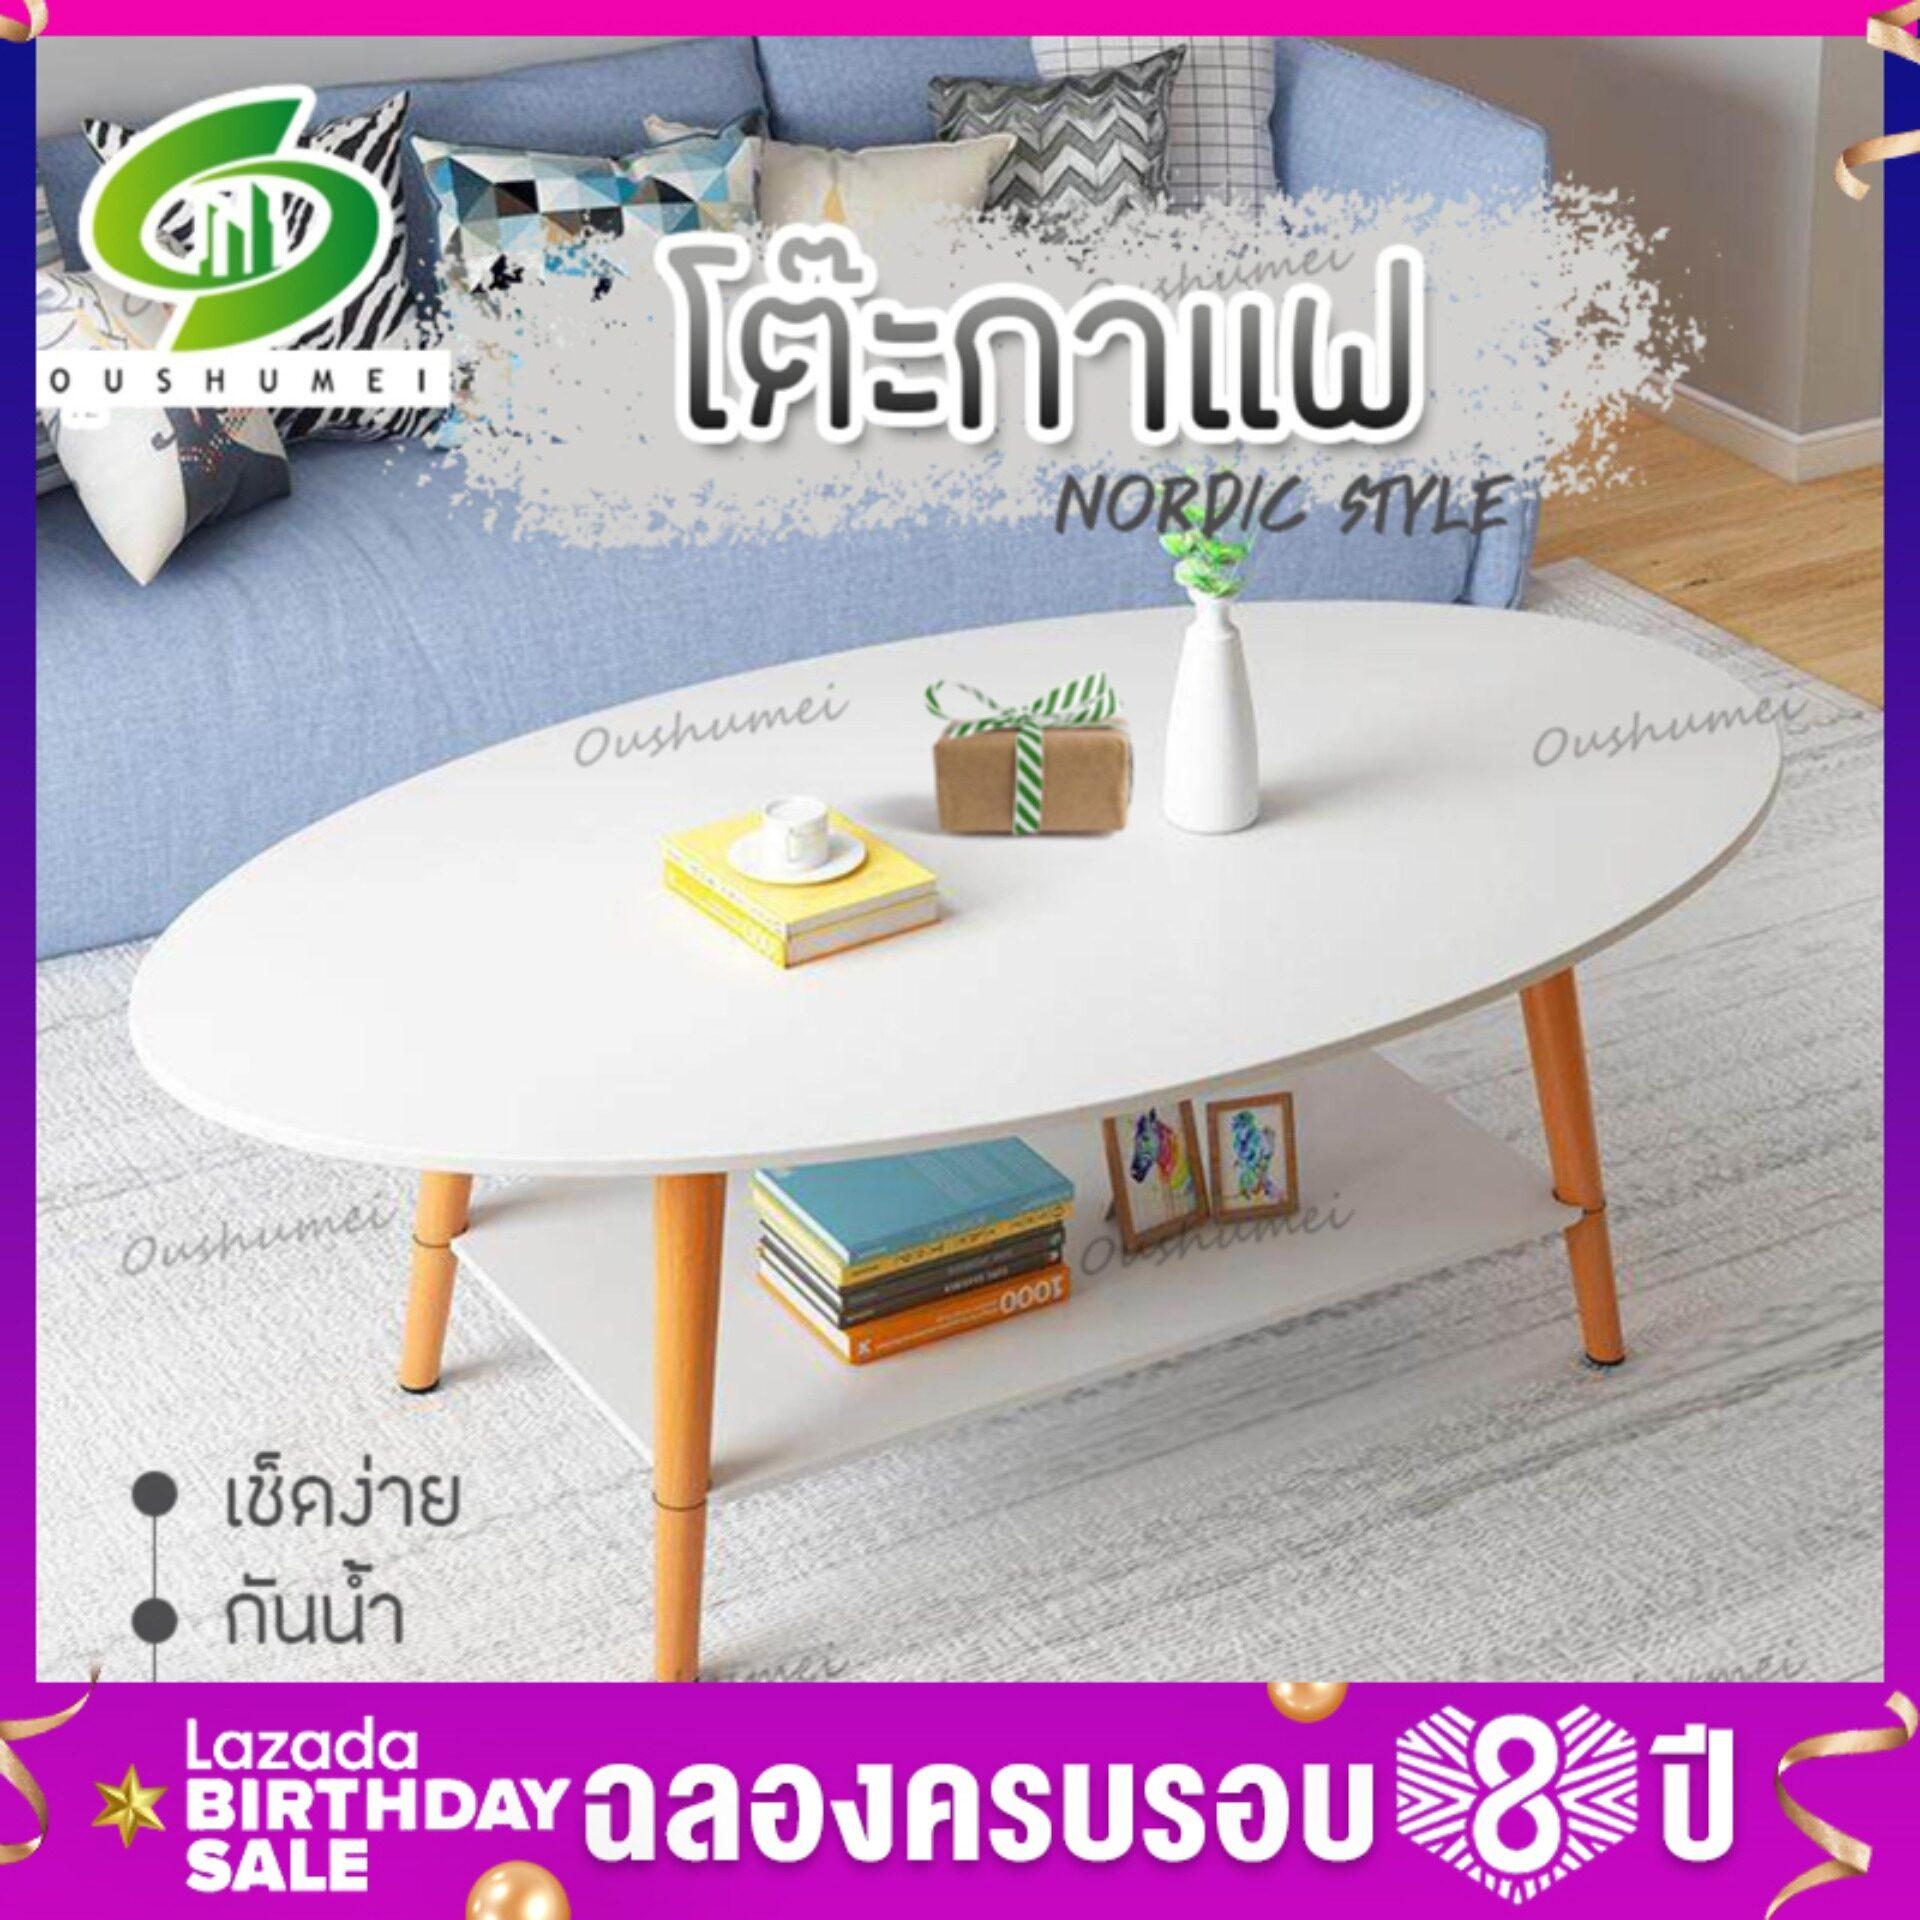 โต๊ะน้ำชา โต๊ะกาแฟ รูปทรงกลมยาวขาไม้มั่นคงทำความสะอาดง่ายขนาด 120x60x42cm.